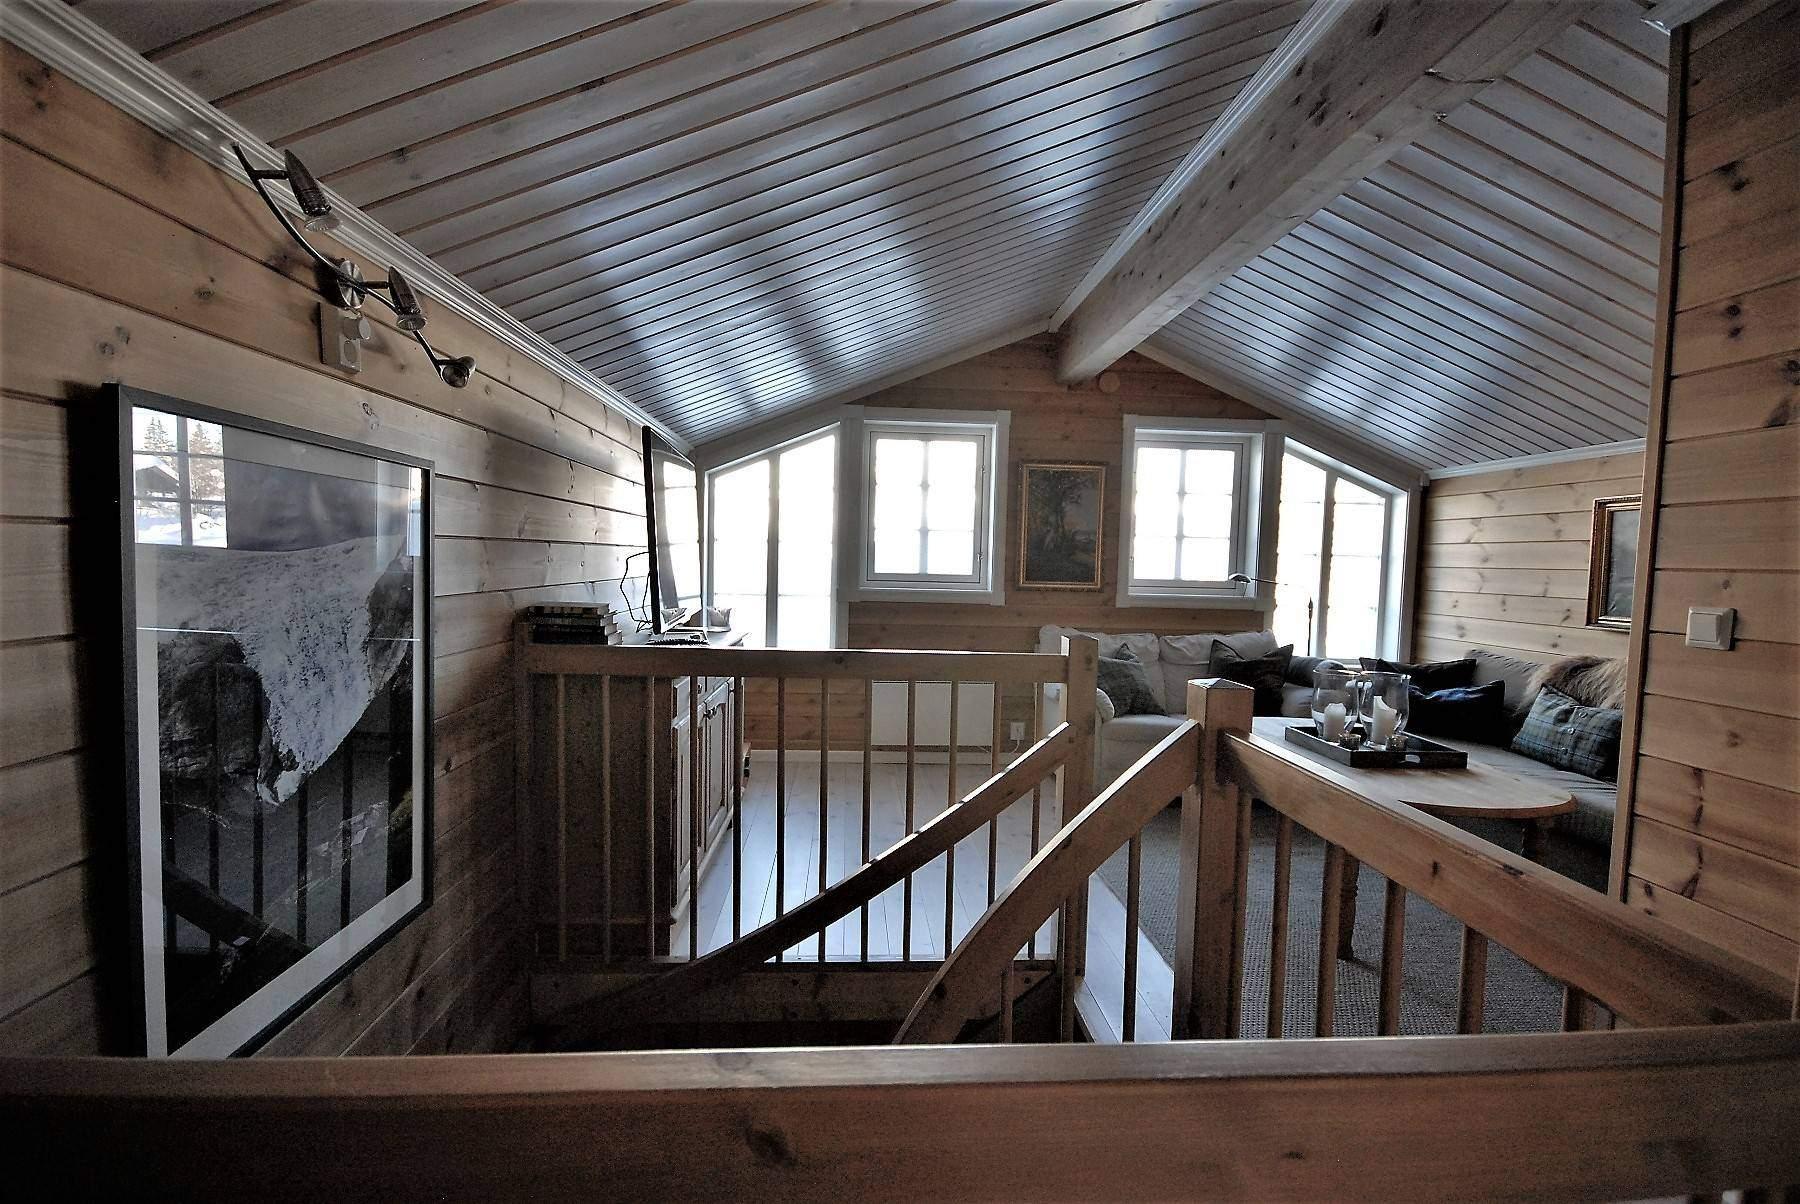 140 Hyttemodell Skeikampen 141. Stua på loftet